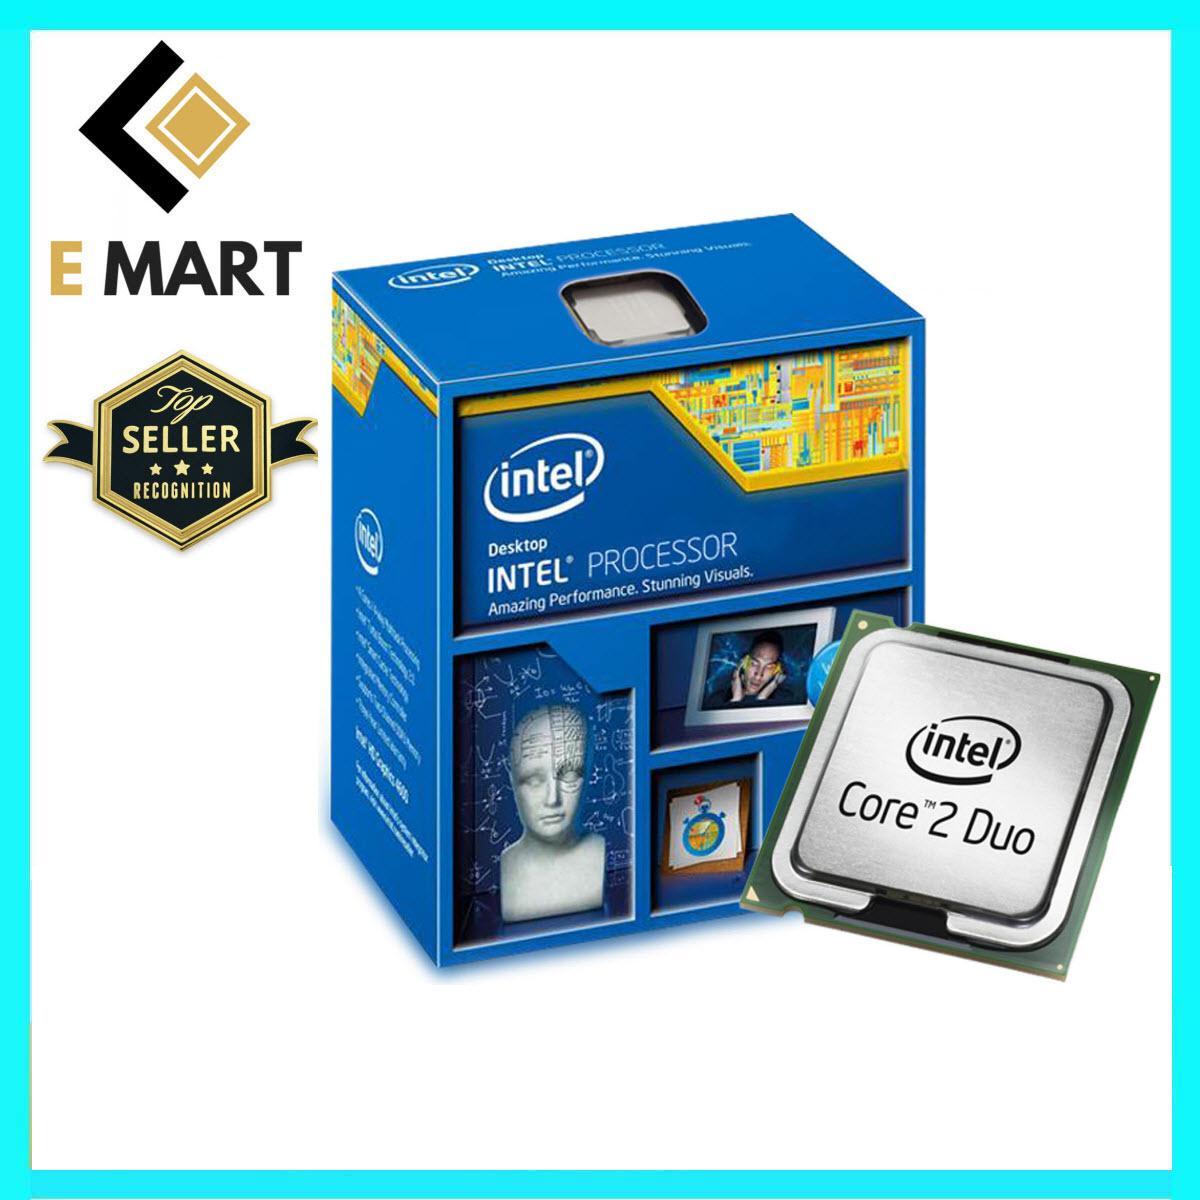 Bộ vi xử lý Intel CPU Core 2 Duo E8300 ( 2 lõi - 2 Luồng) Chất Lượng Tốt - Hàng Nhập Khẩu